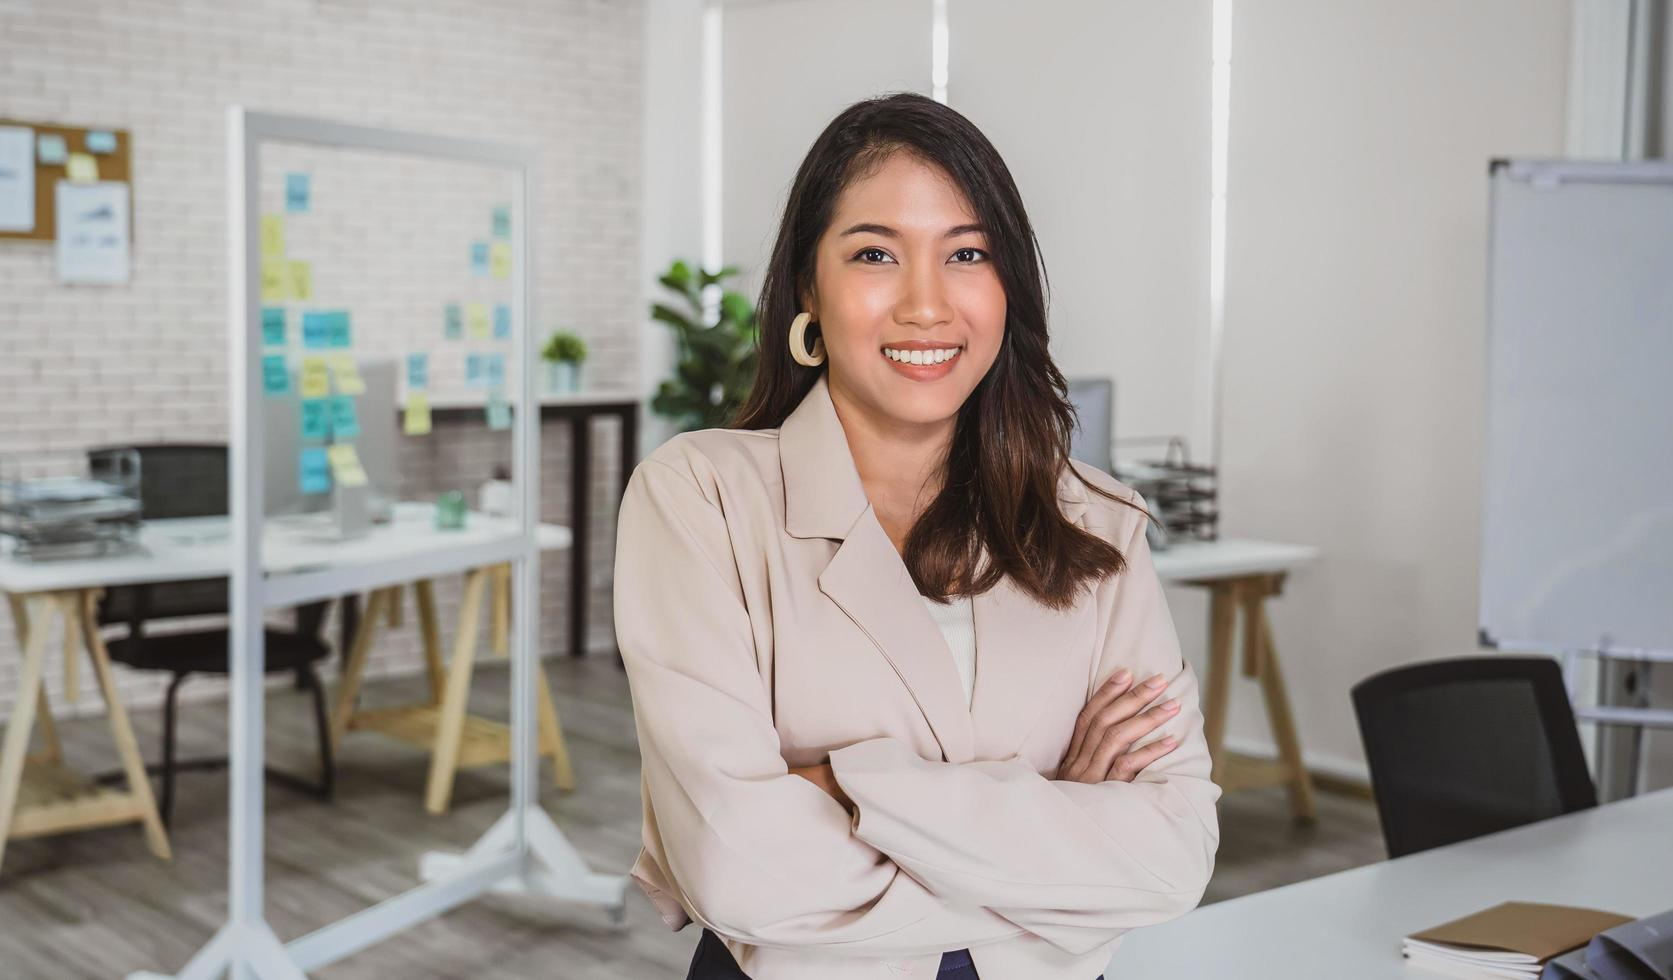 portret van een Aziatische zakenvrouw in een moderne werkplek foto